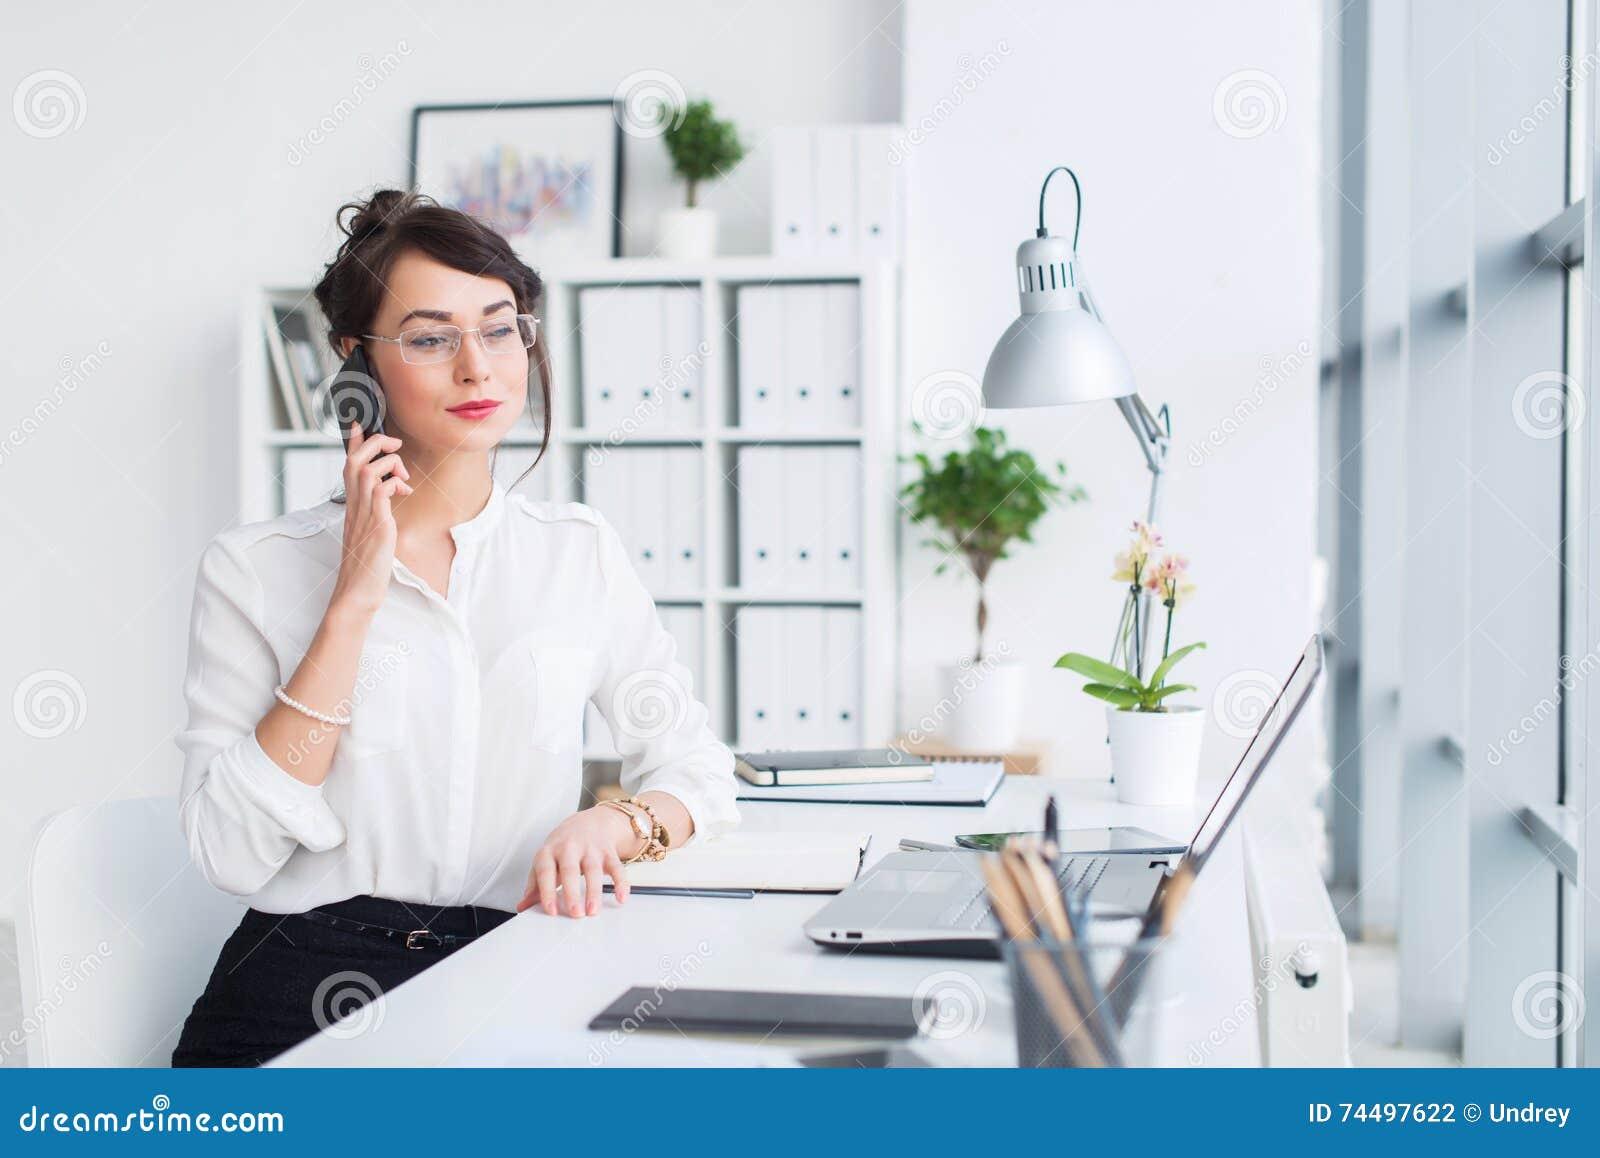 Junge Geschäftsfrau, die im Büro, schreibend, unter Verwendung des Computers arbeitet Starke Frau, die online Informationen sucht